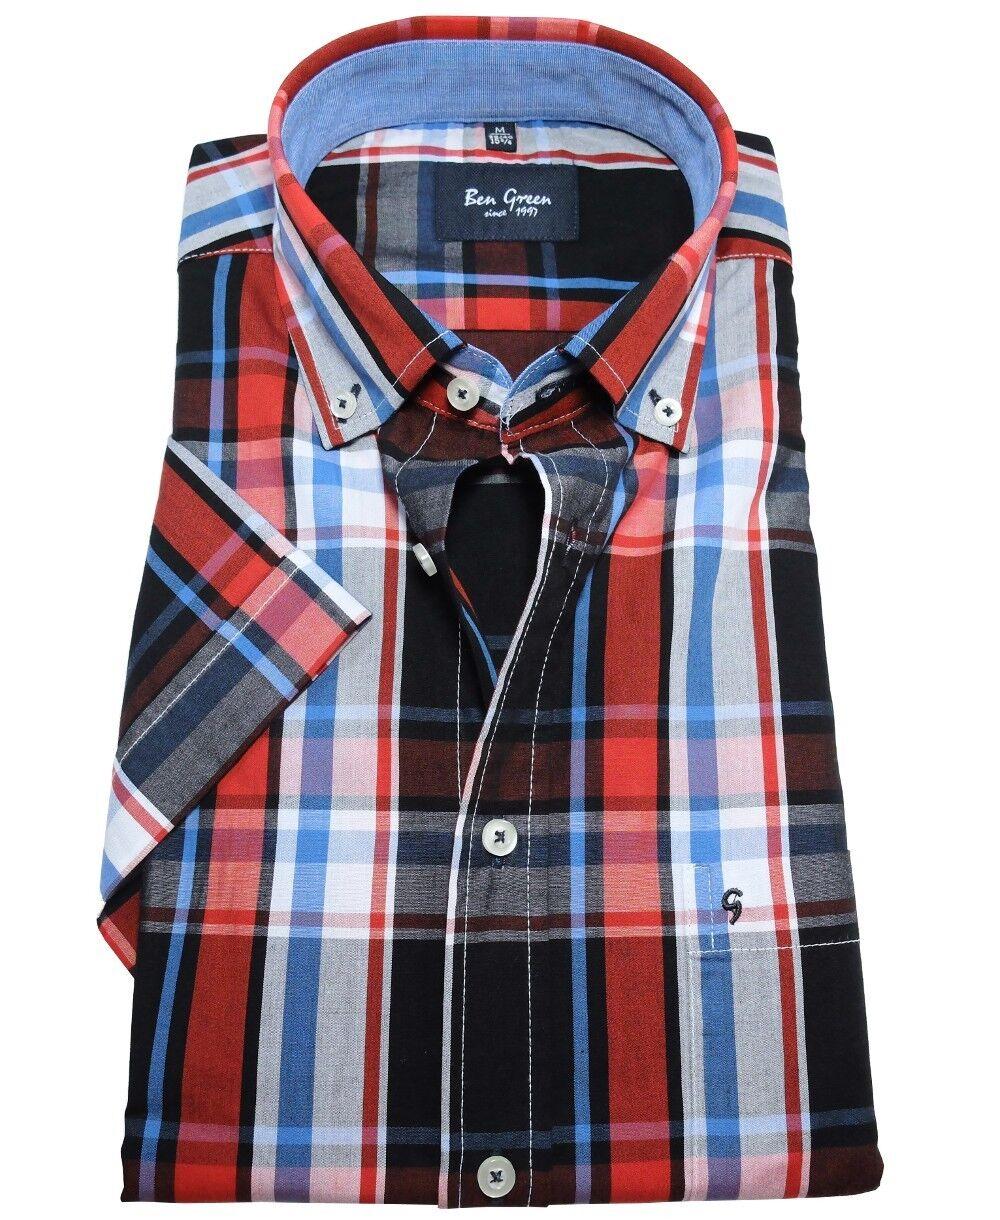 Ben Grün RegularFit Freizeithemd Kurzarm rot schwarz blau weiss Karo Gr. M-5XL     | Stilvoll und lustig